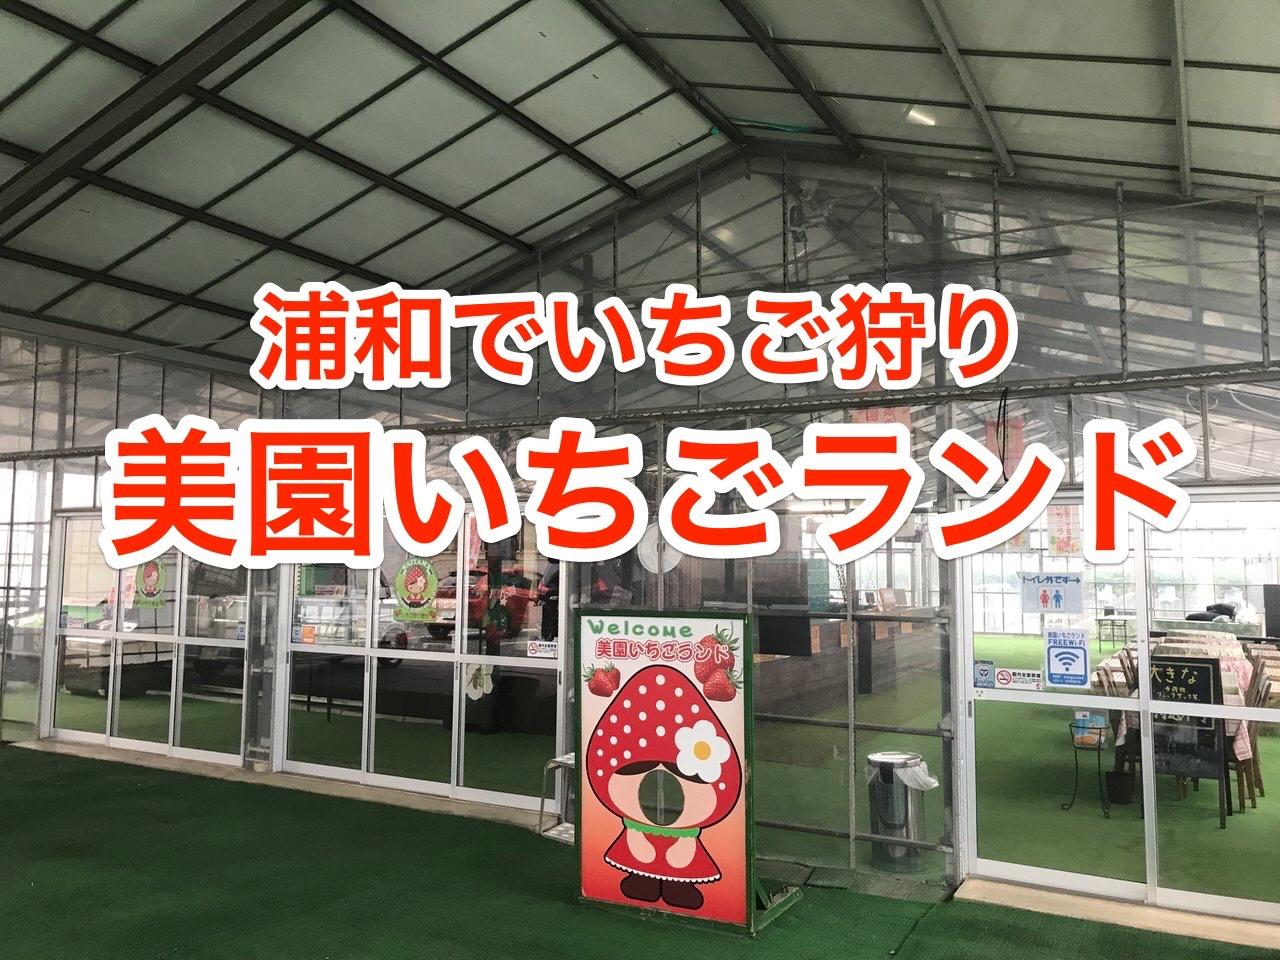 埼玉県「美園いちごランド」浦和